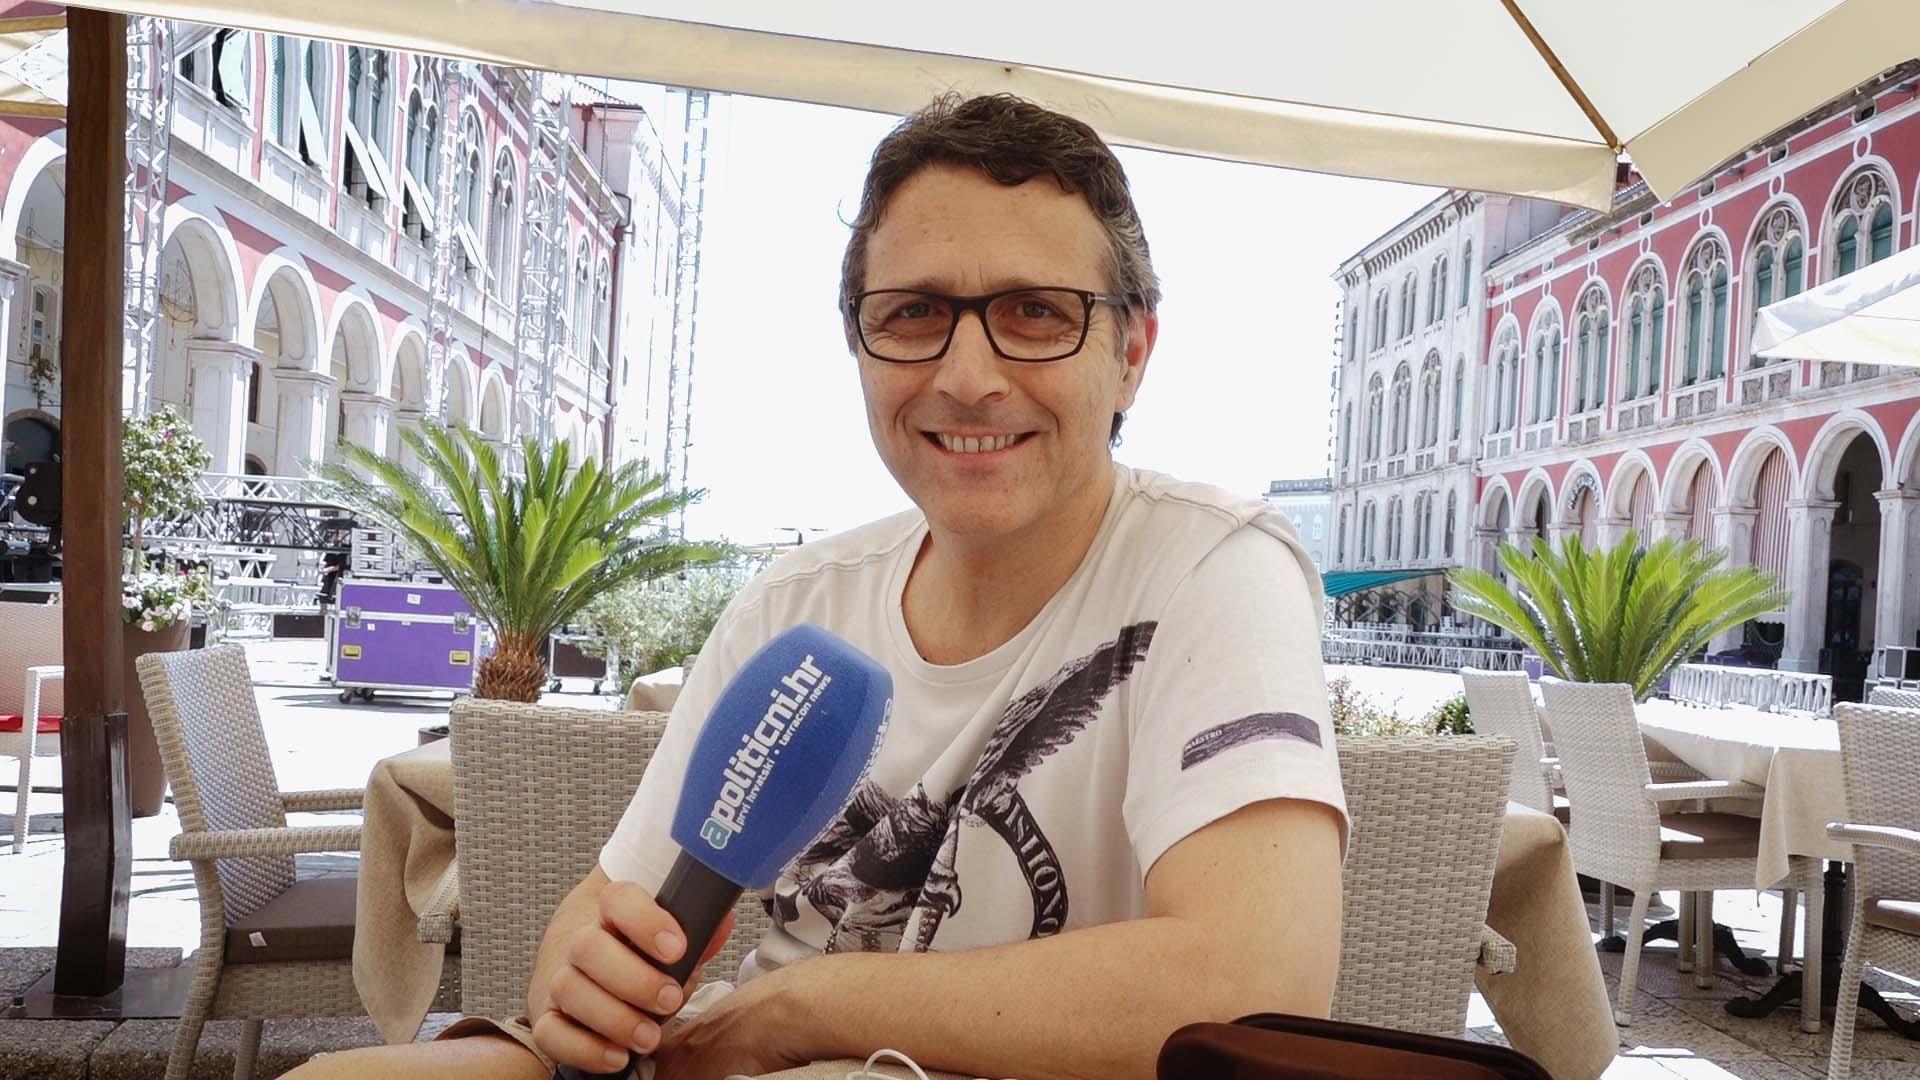 Tomislav Mrduljaš